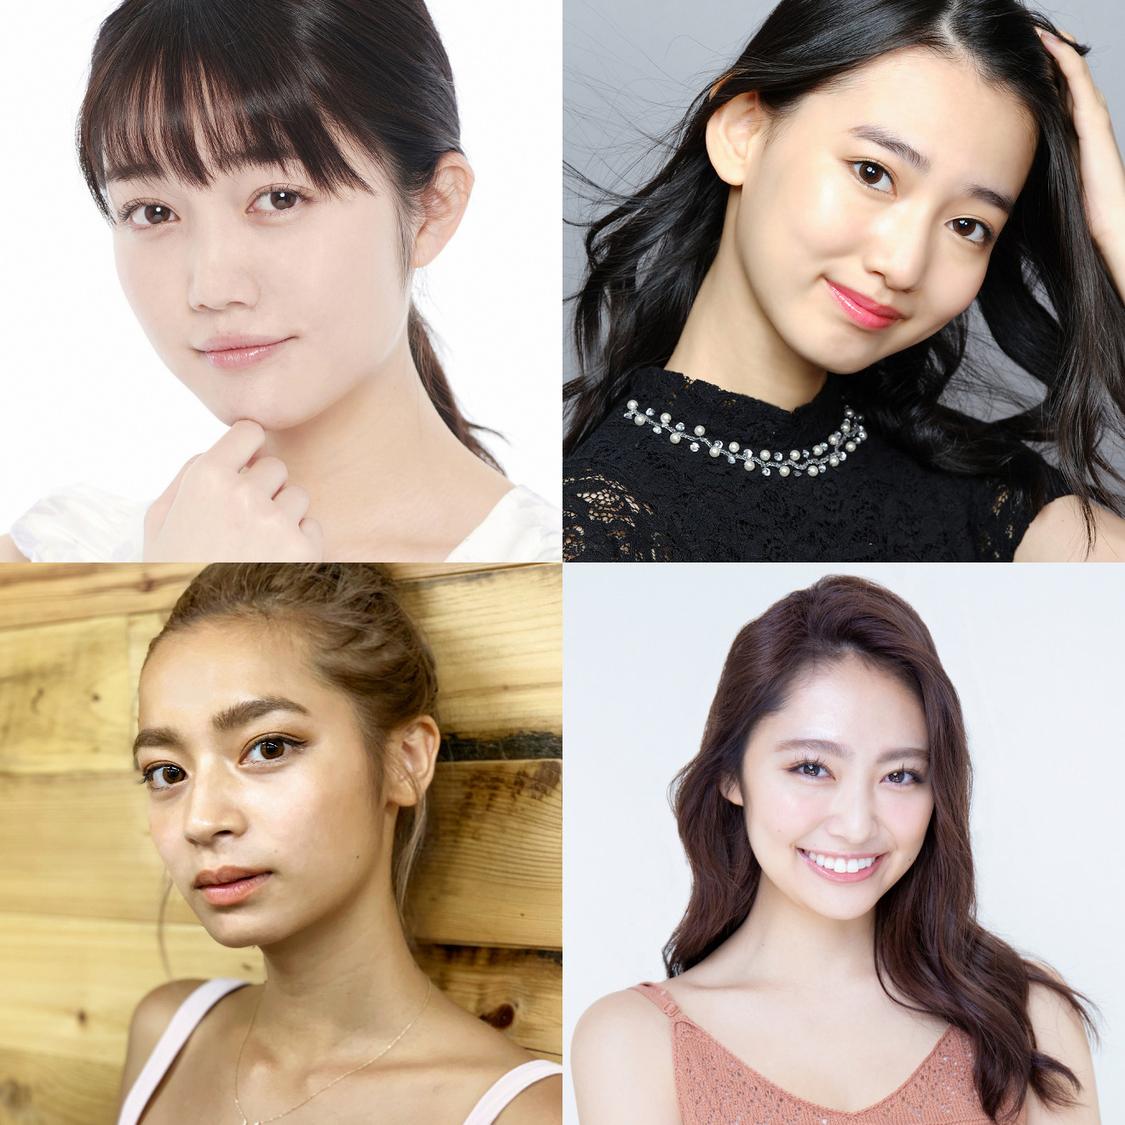 松川菜々花、黒木麗奈、茜子、みうらうみ がネットサイン会を開催!